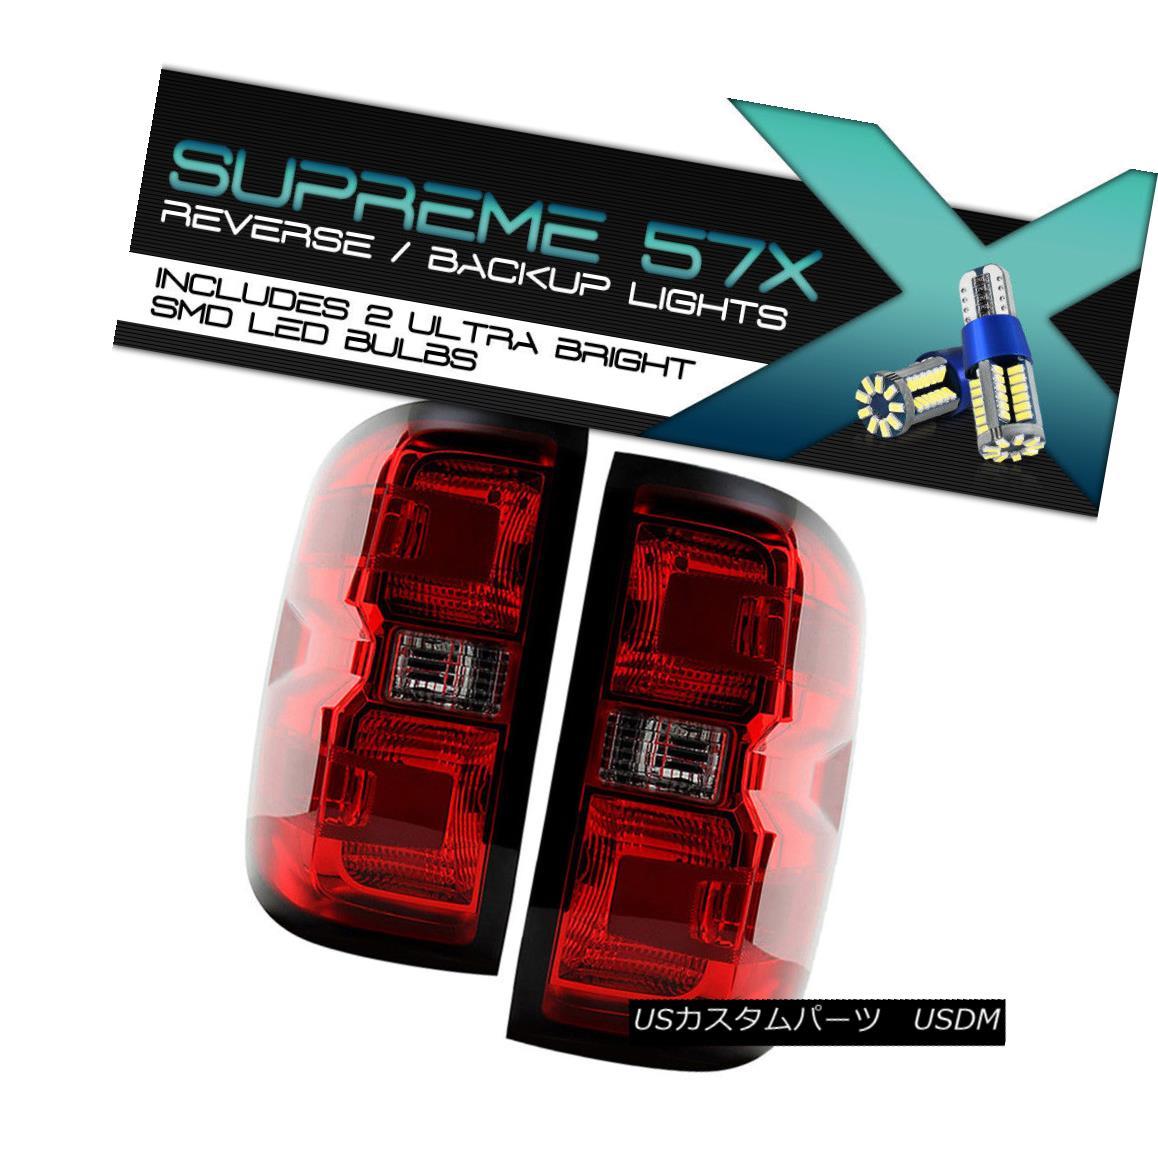 テールライト {360 DEGREE SMD BACKUP} 2014-2018 Silverado 1500 2500 Taillights Wiring Harness {360°SMD BACKUP} 2014-2018 Silverado 1500 2500ティアライトハーネス